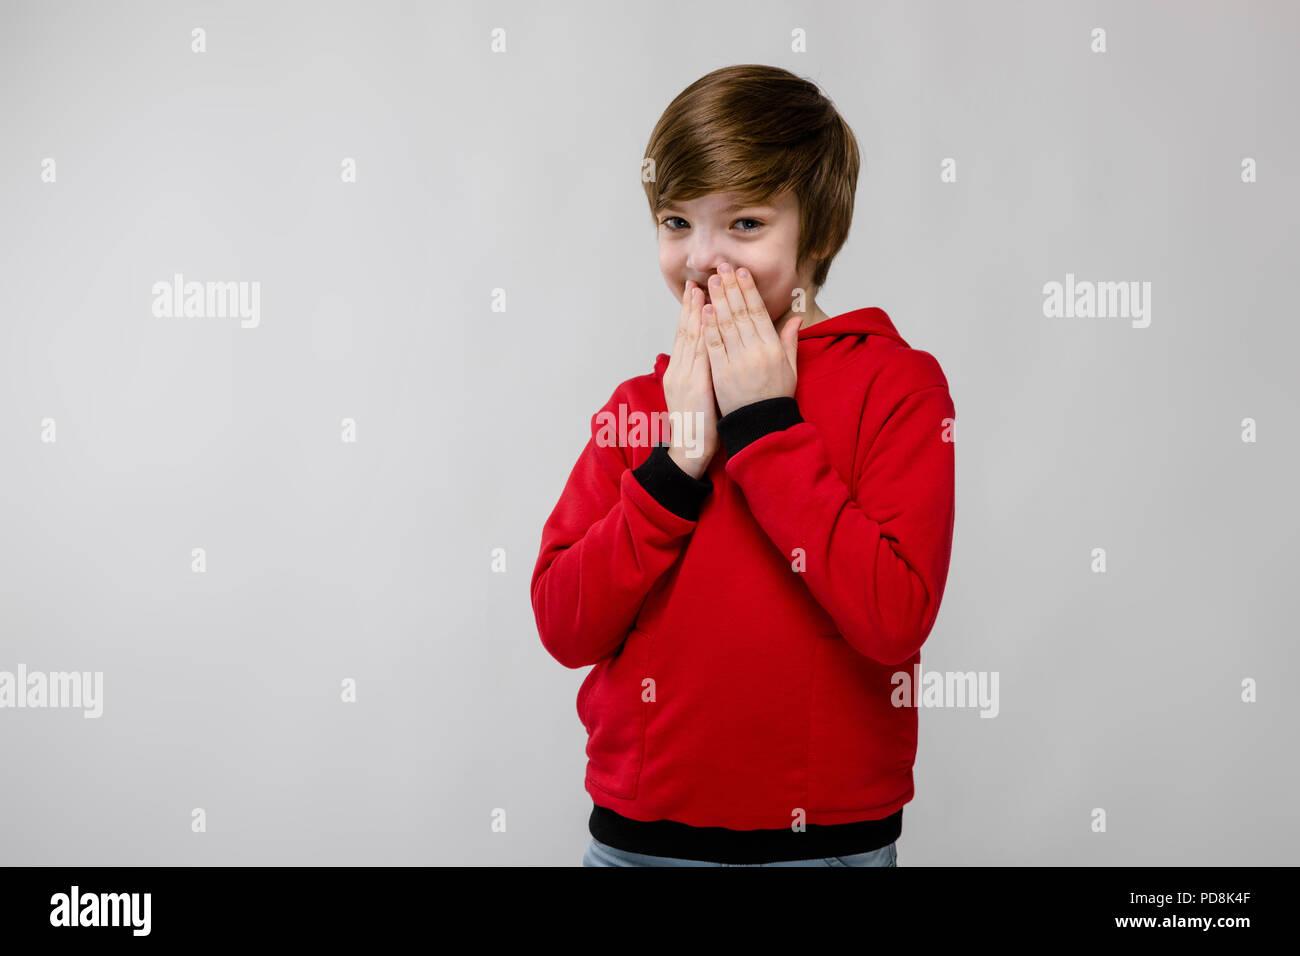 Ragazzo adolescente in abiti alla moda Immagini Stock